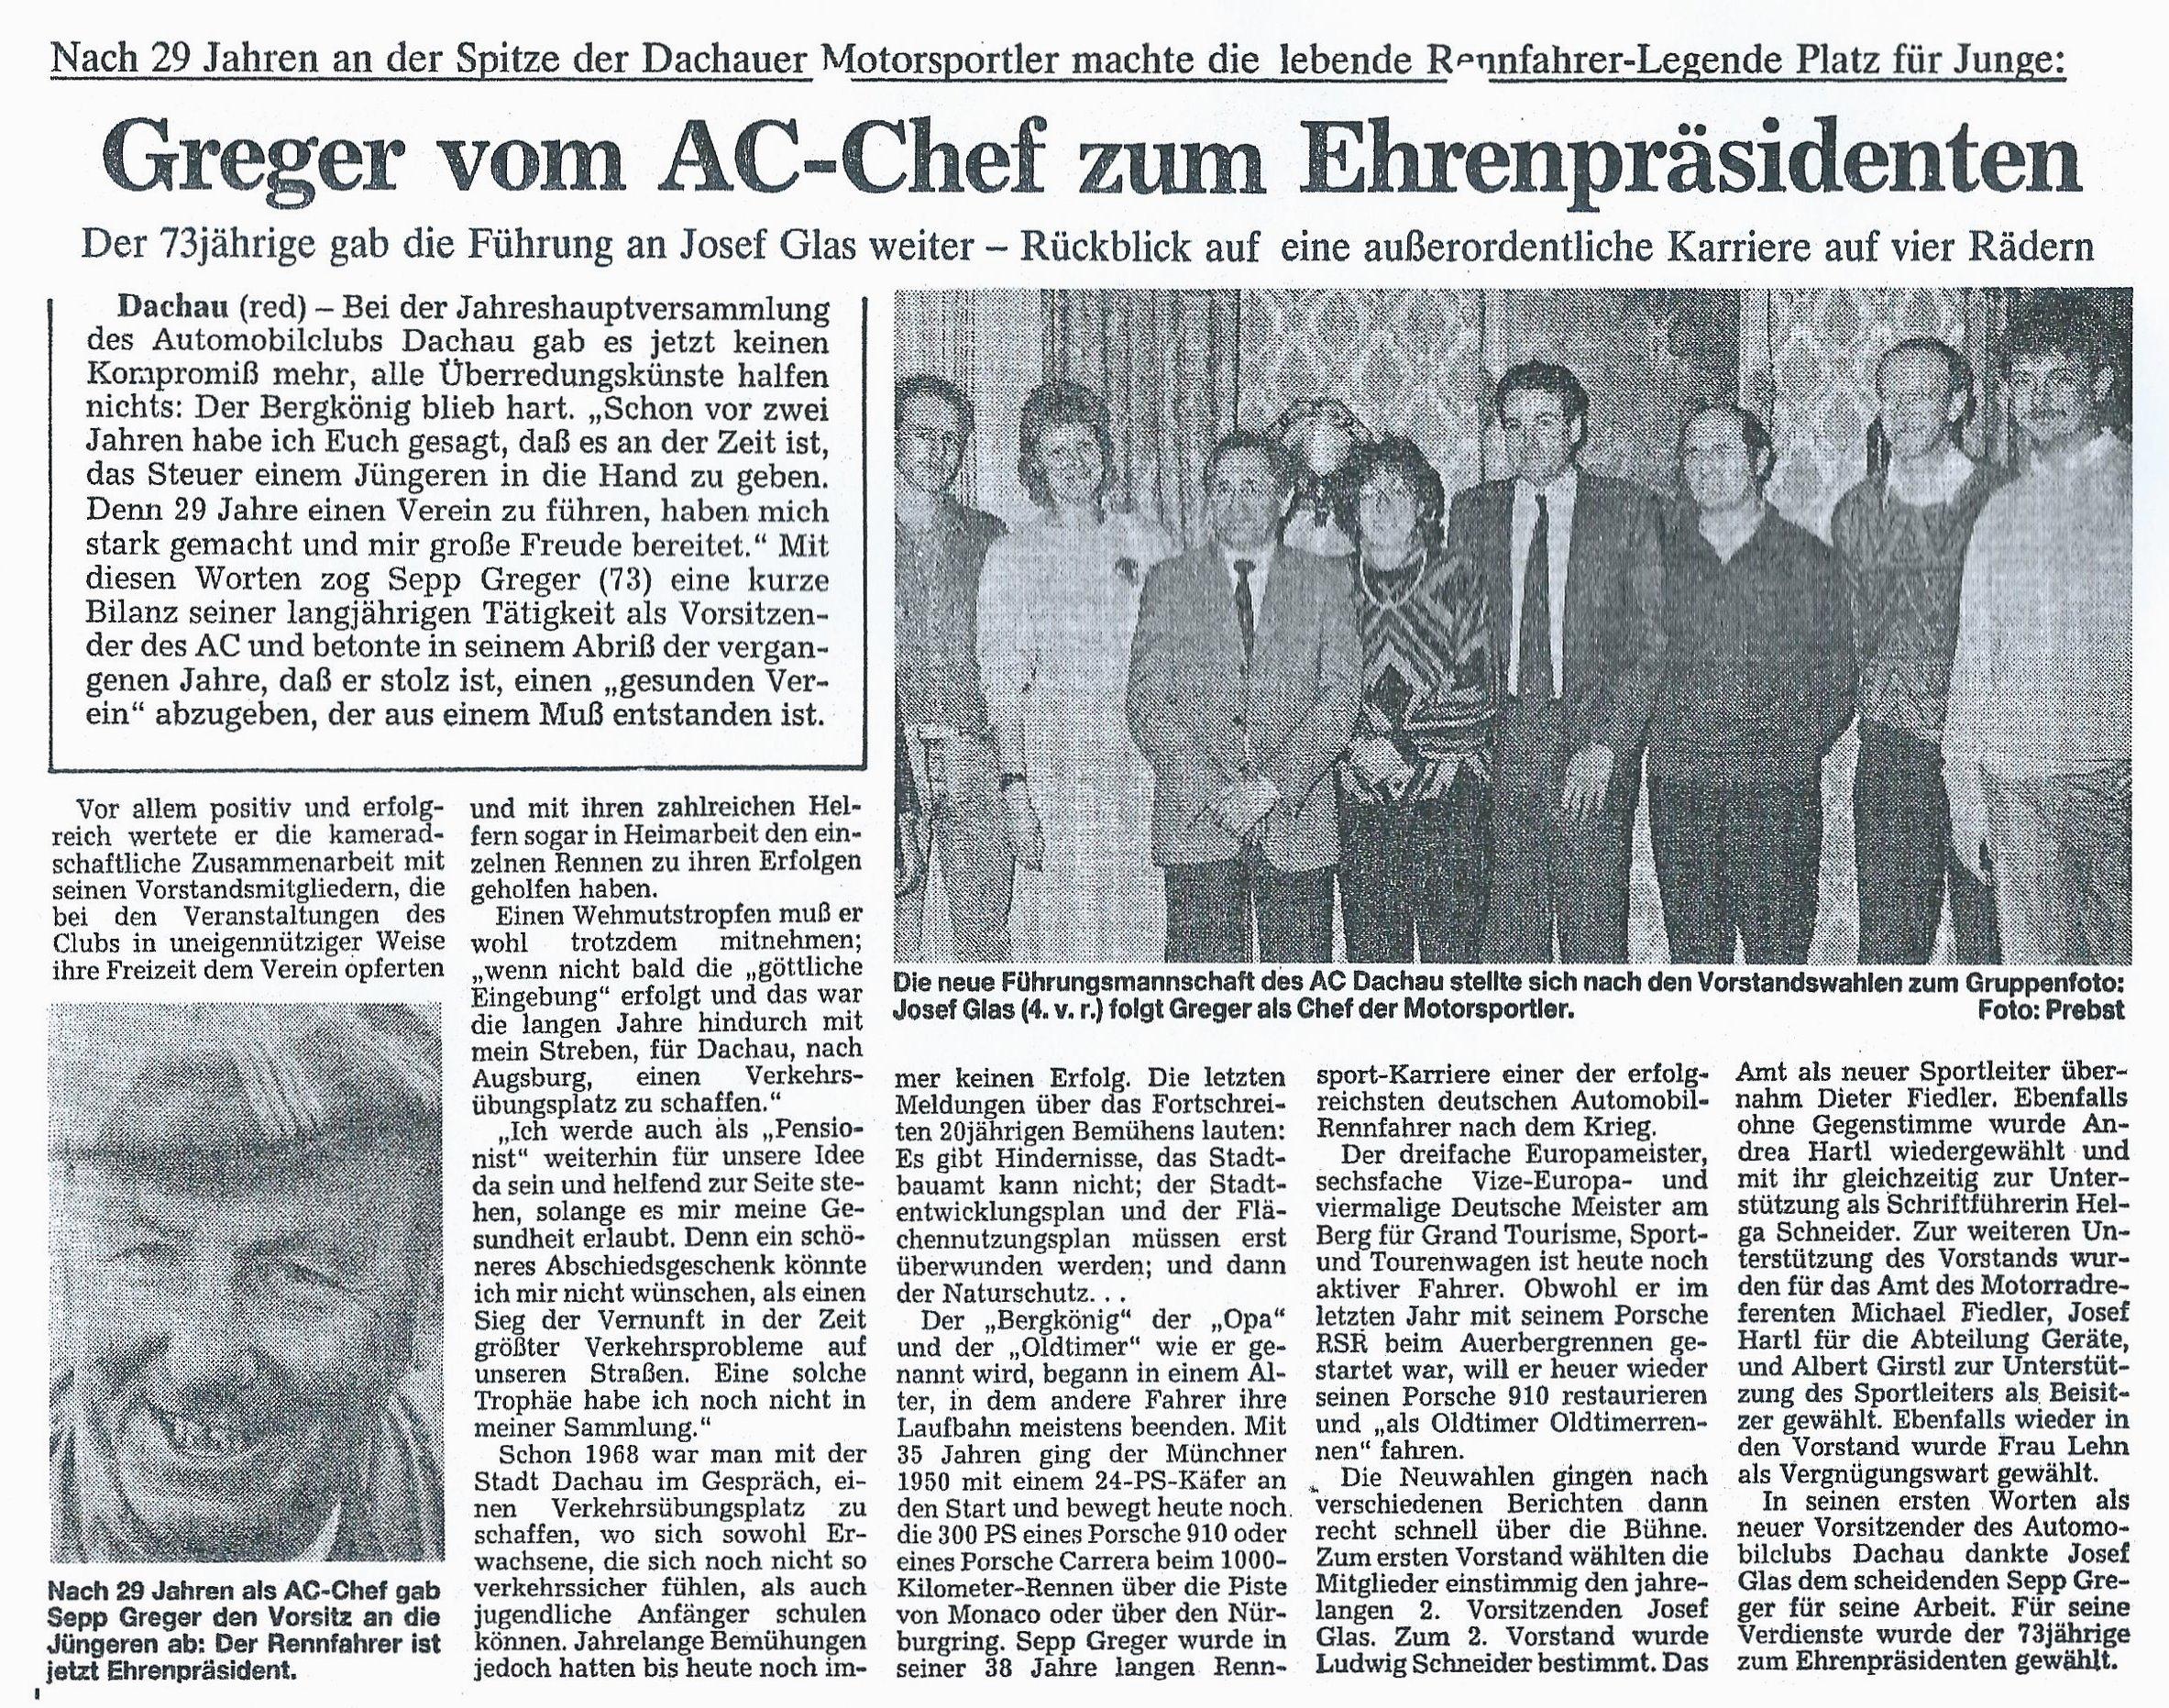 Zeitungsartikel 1988